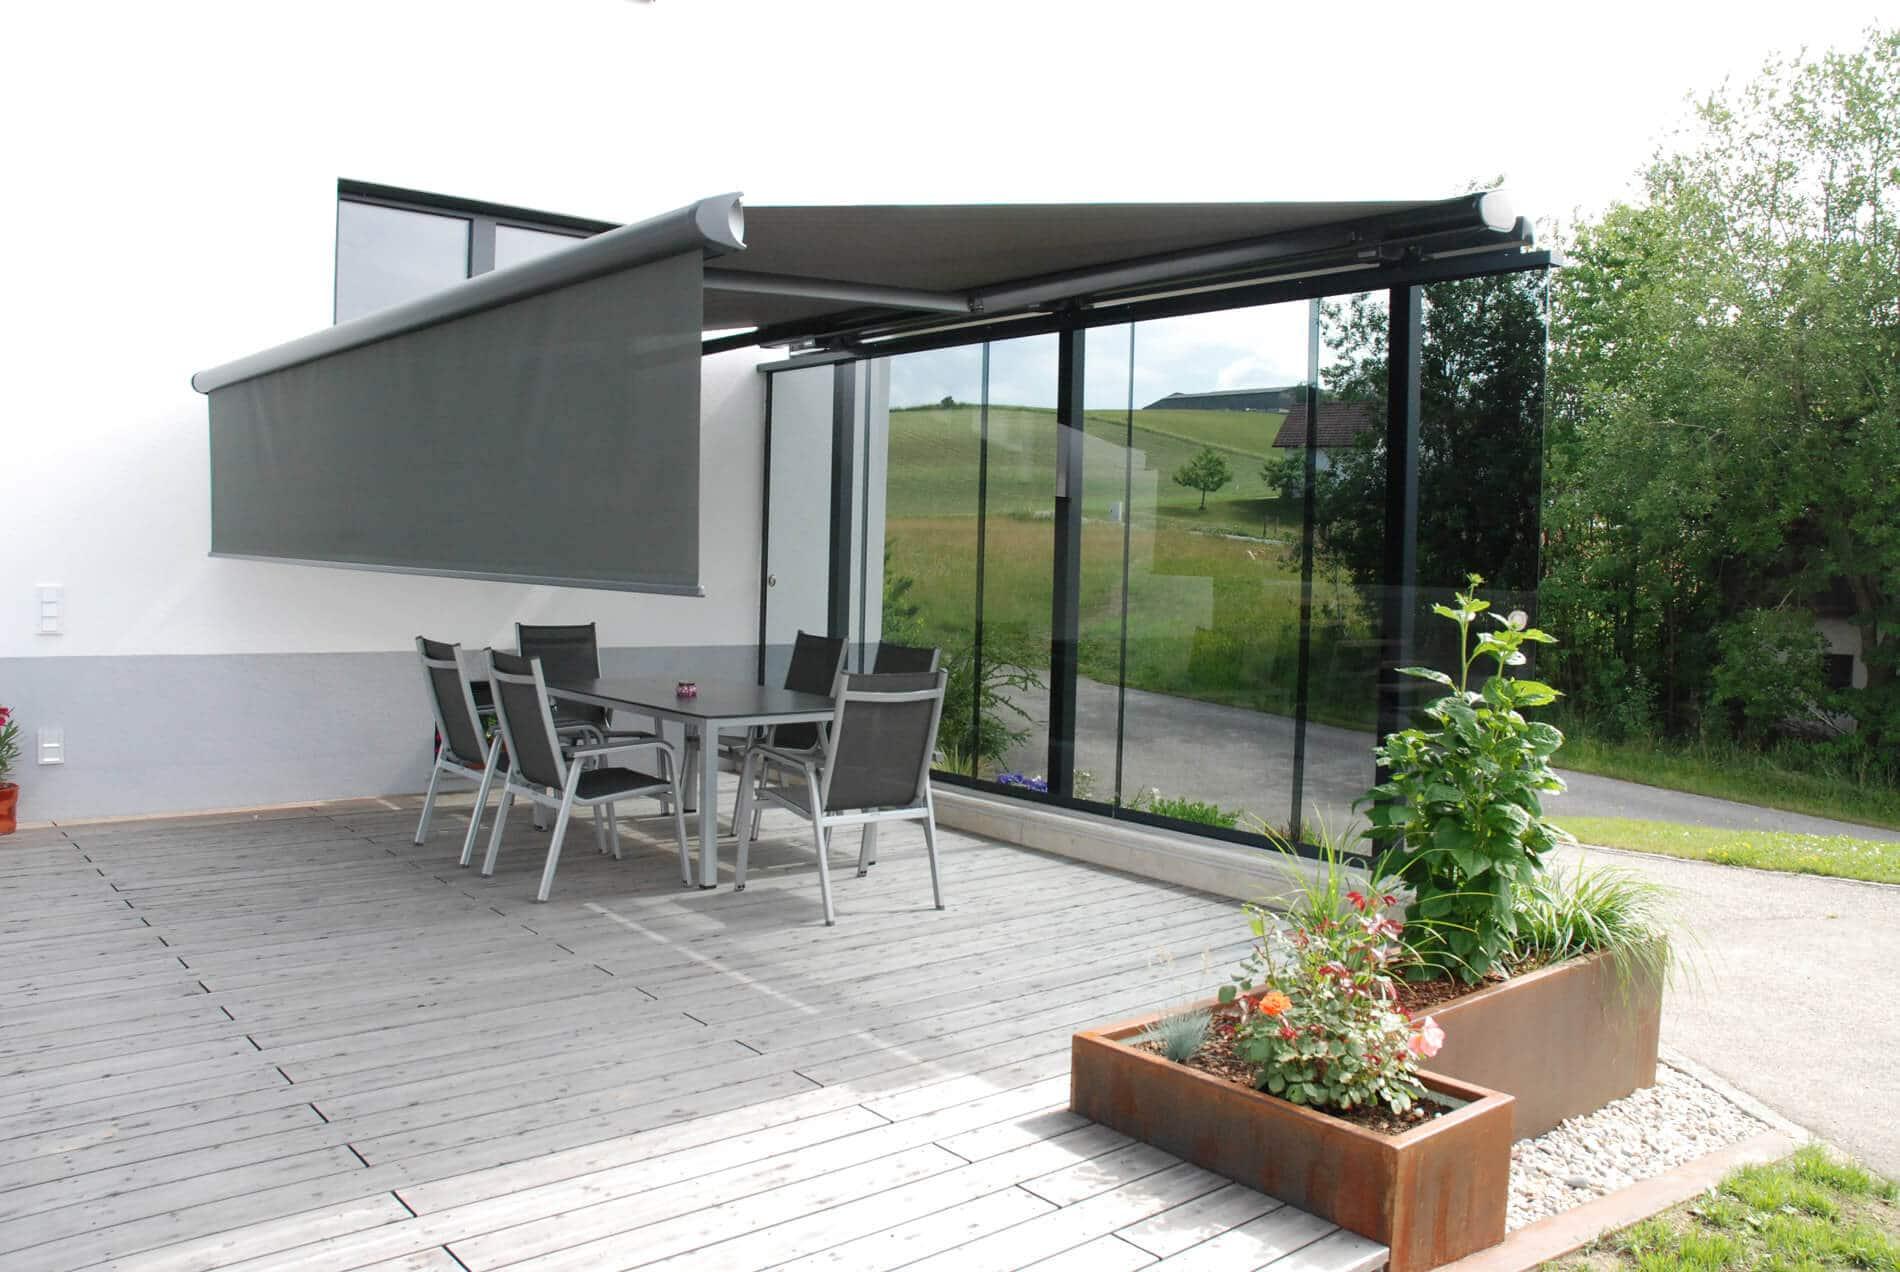 Windschutz Sonnenschutz nach Maß - Oberösterreich